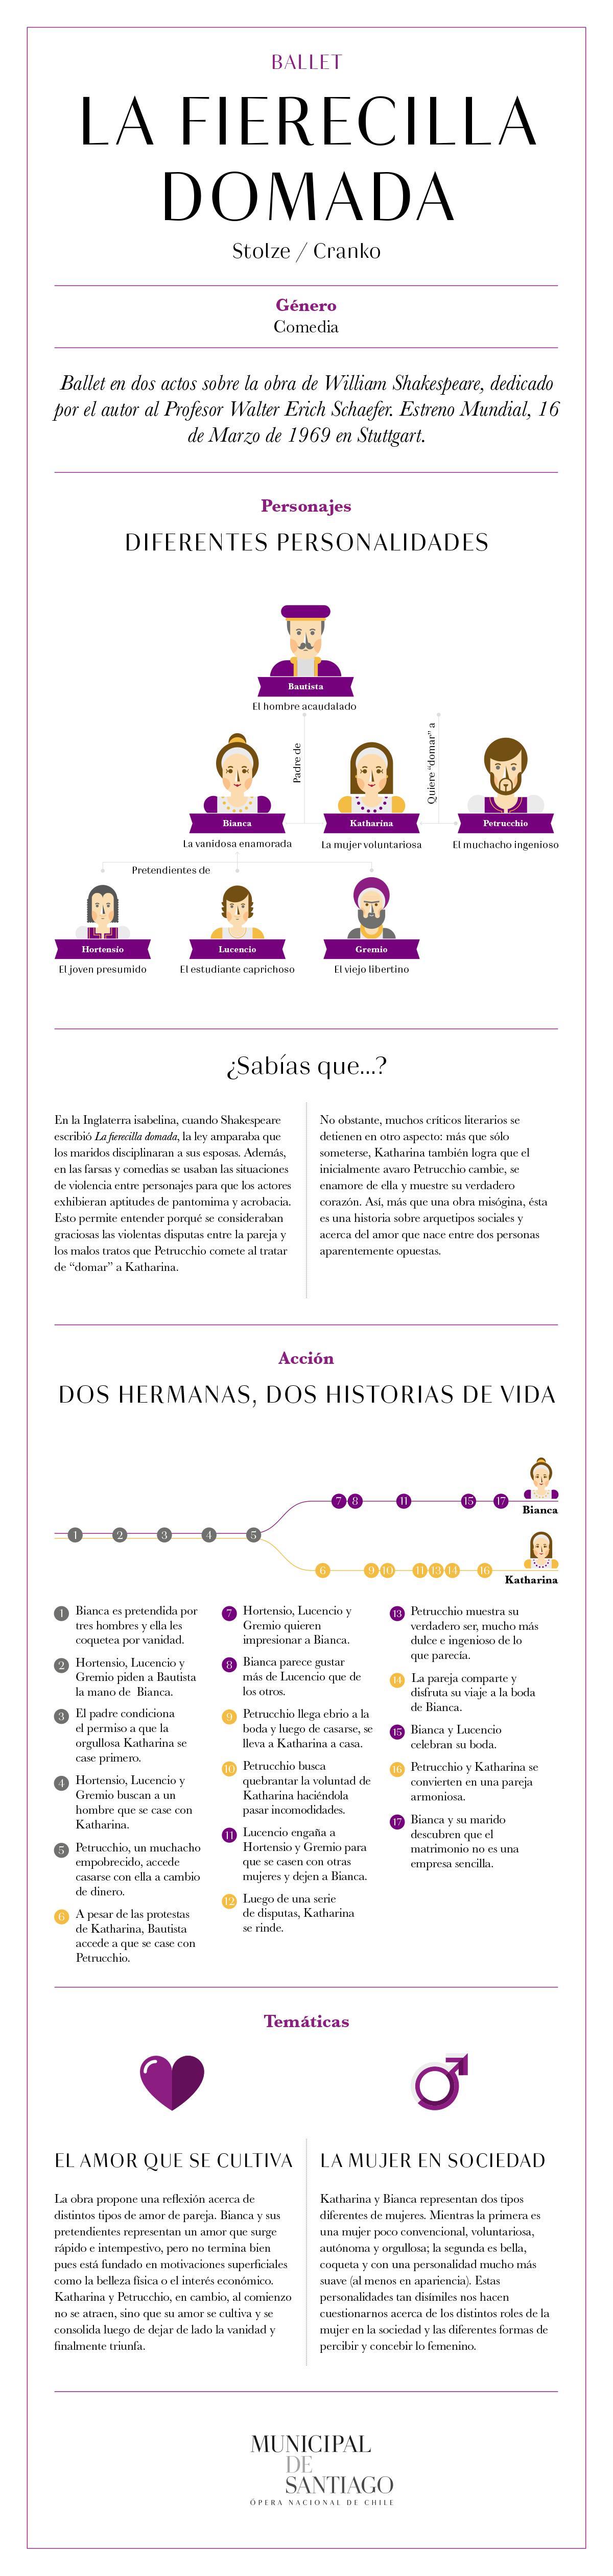 La fierecilla domada, infografía, argumento, ballet, Municipal de Santiago